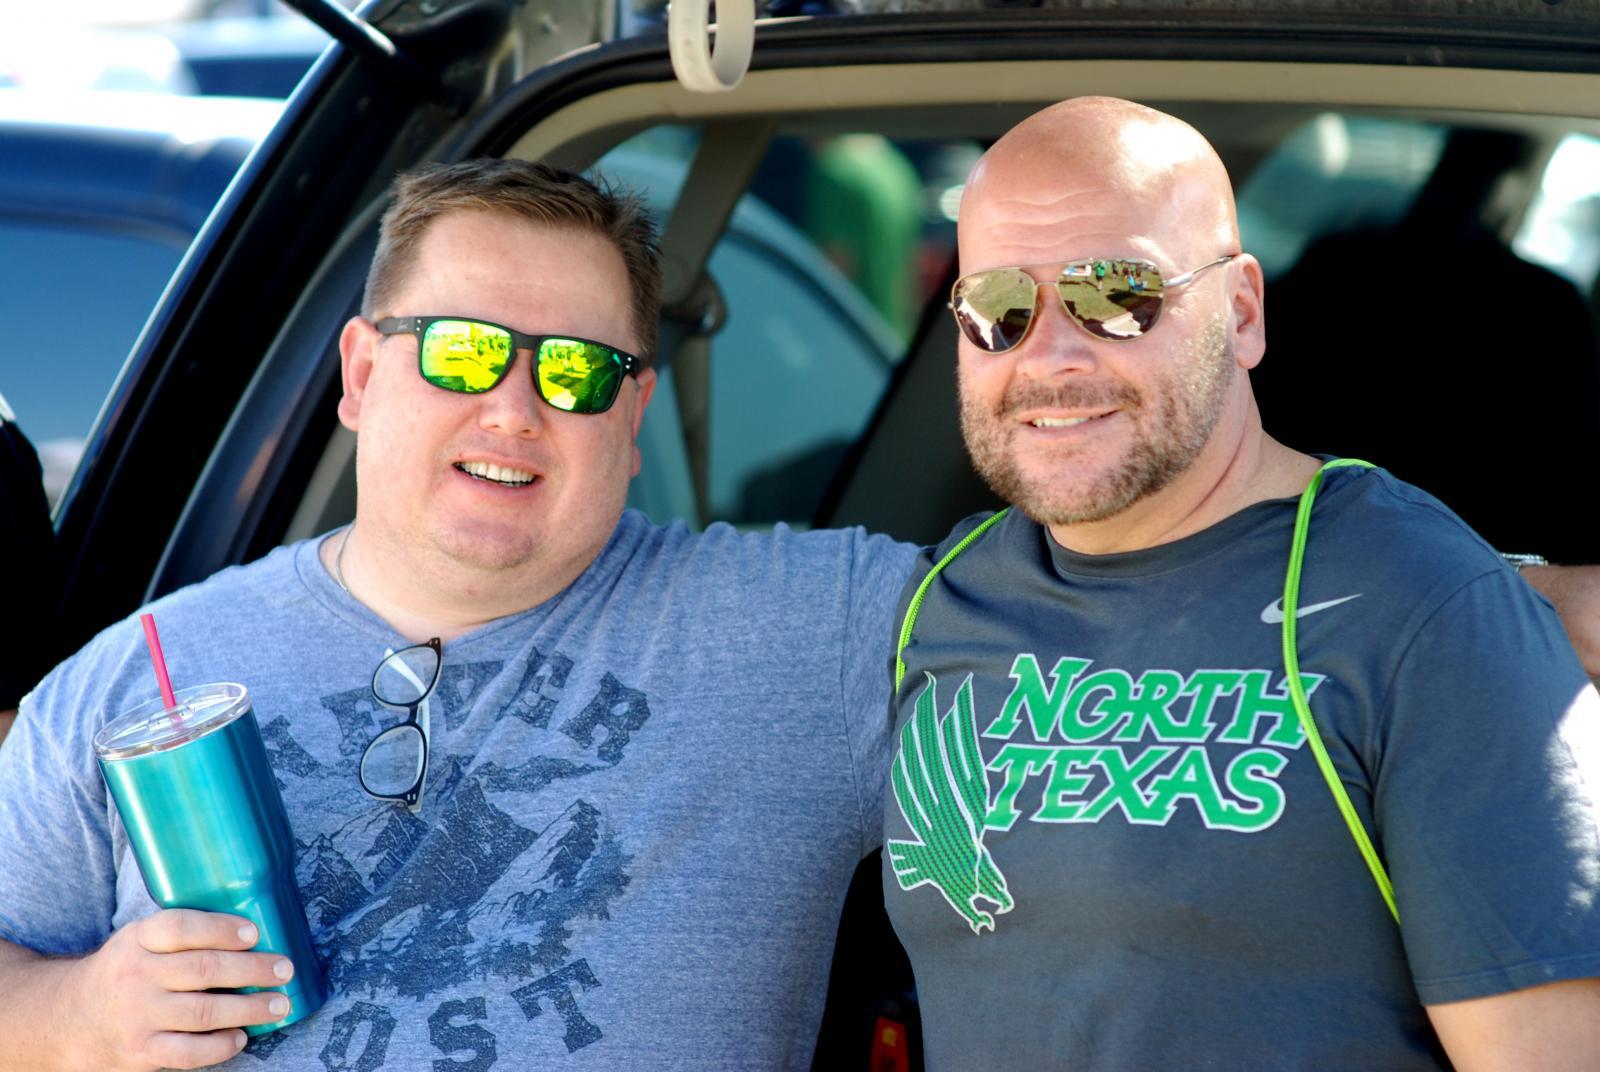 Tony and friend.jpg